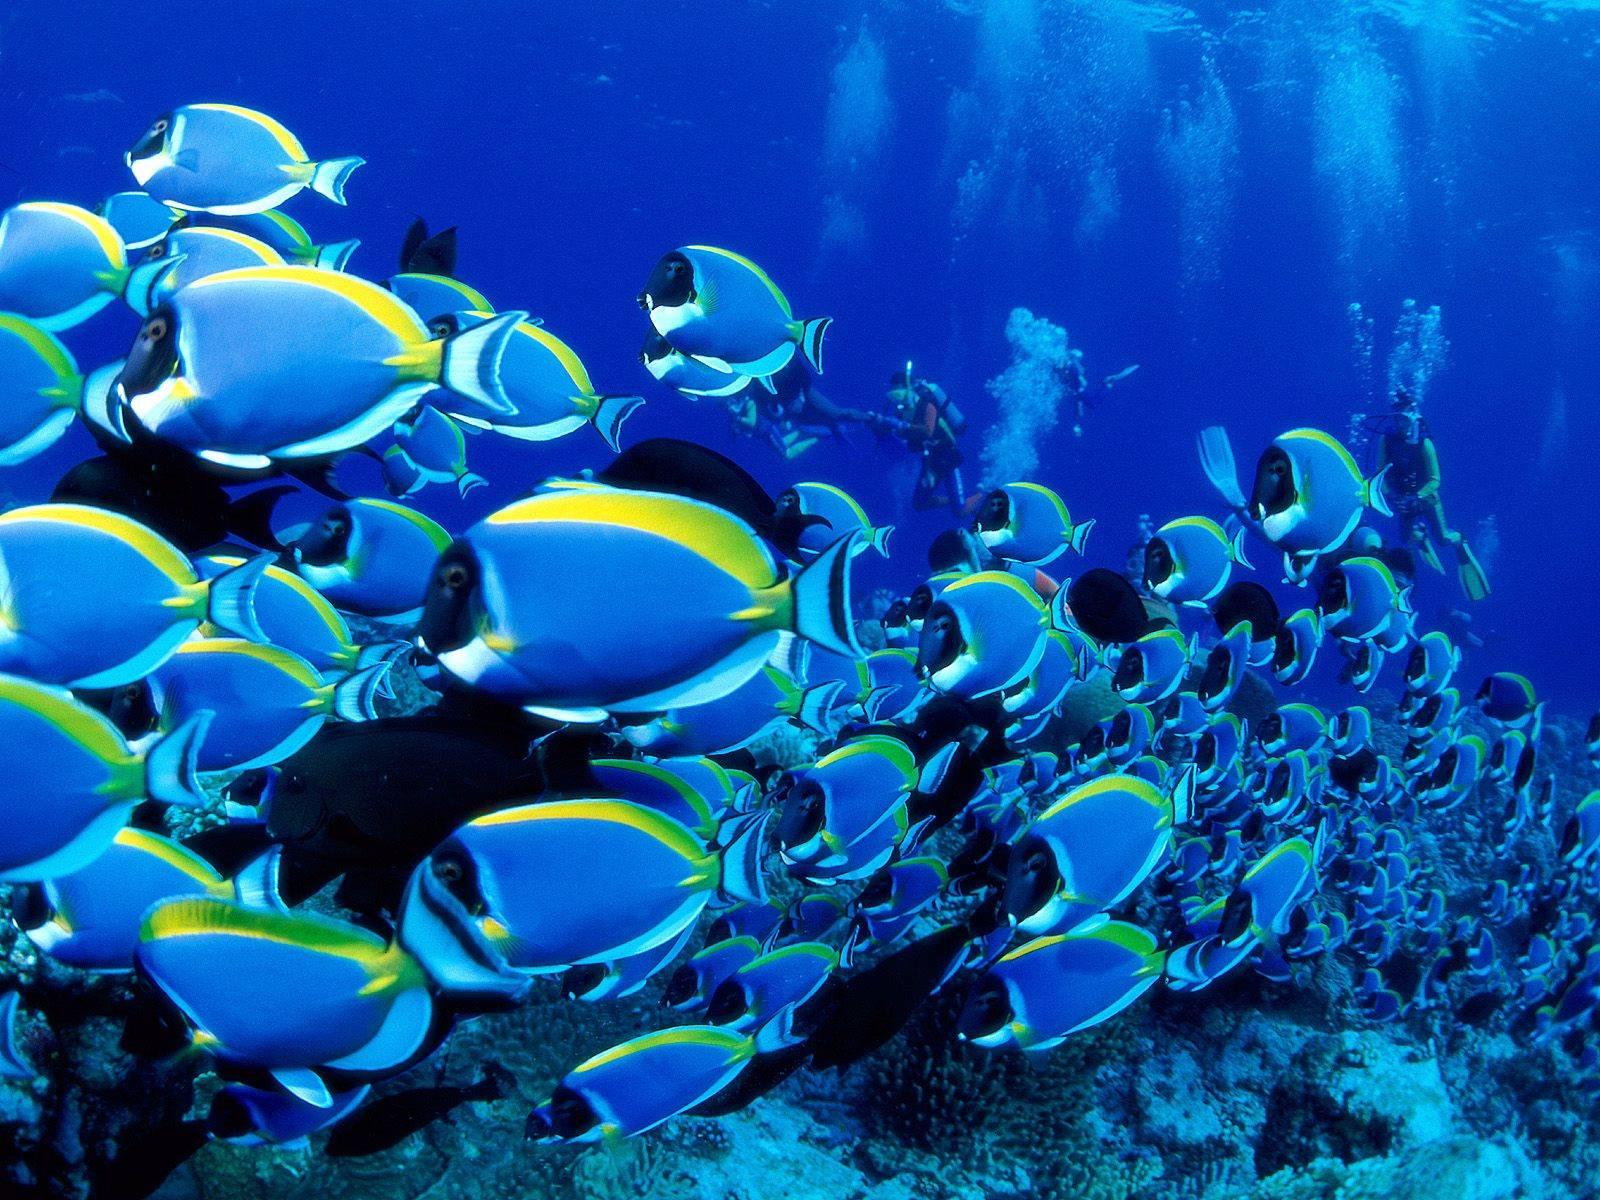 Blue Like A Sea